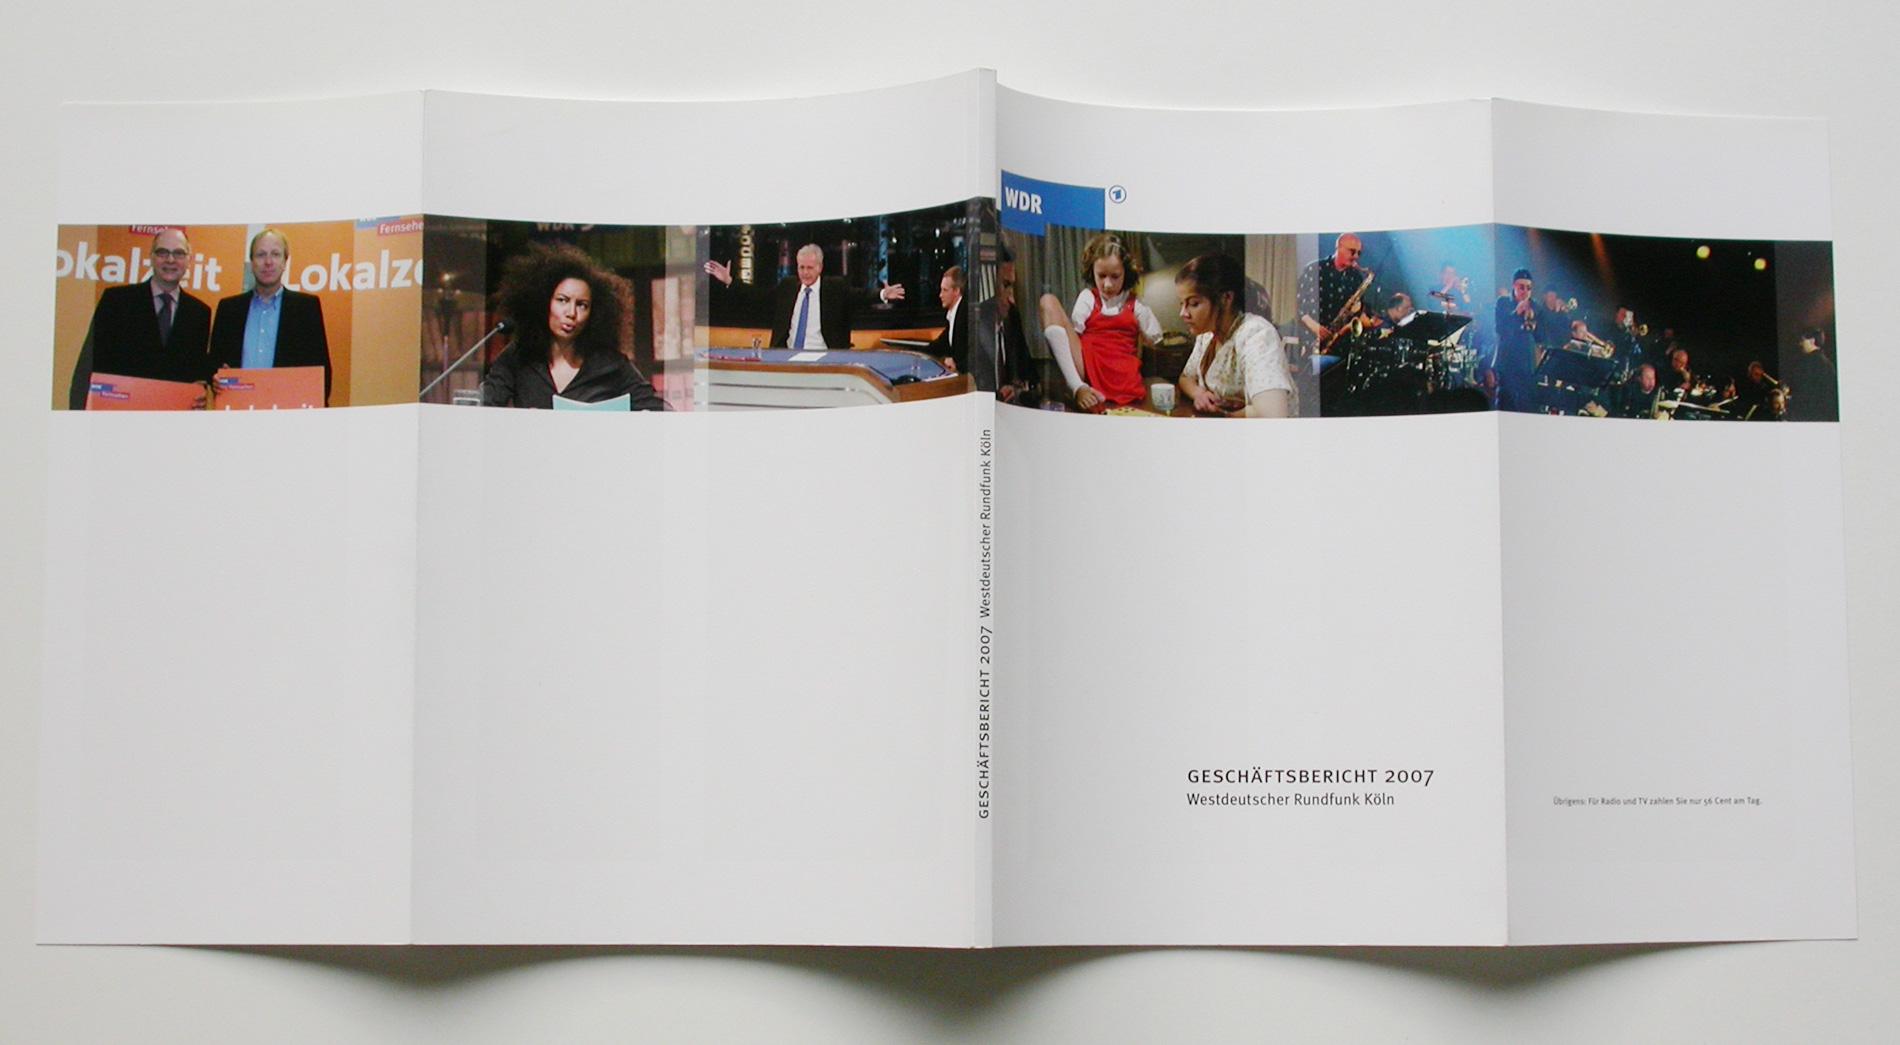 Titel WDR Geschäftsbericht 2007